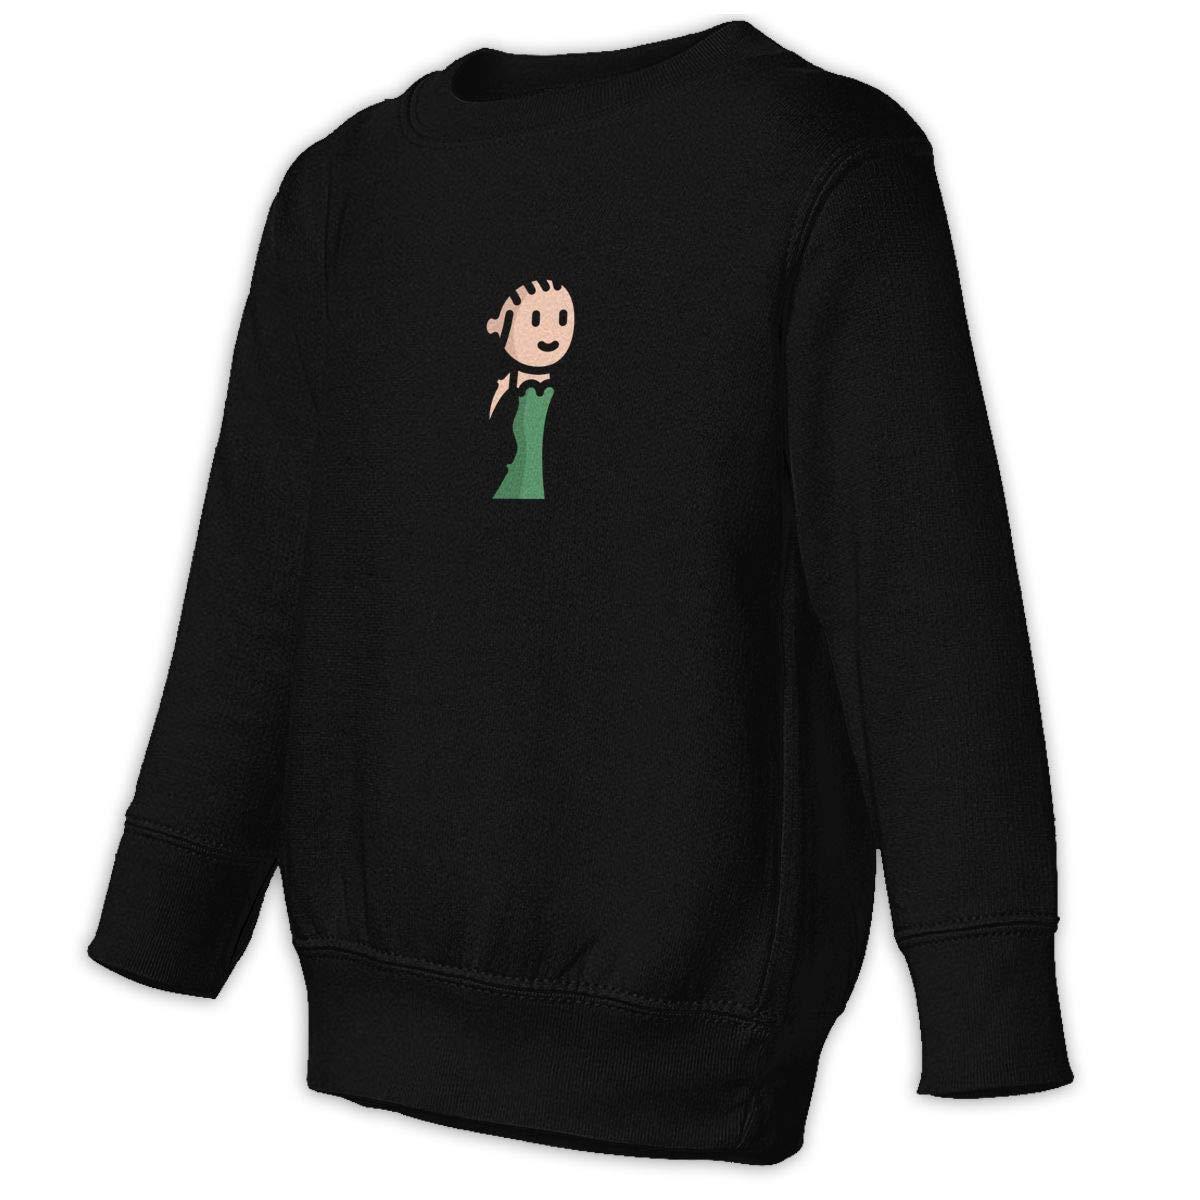 Fleece Pull Over Sweatshirt for Boys Girls Kids Youth Medusa Unisex Toddler Hoodies